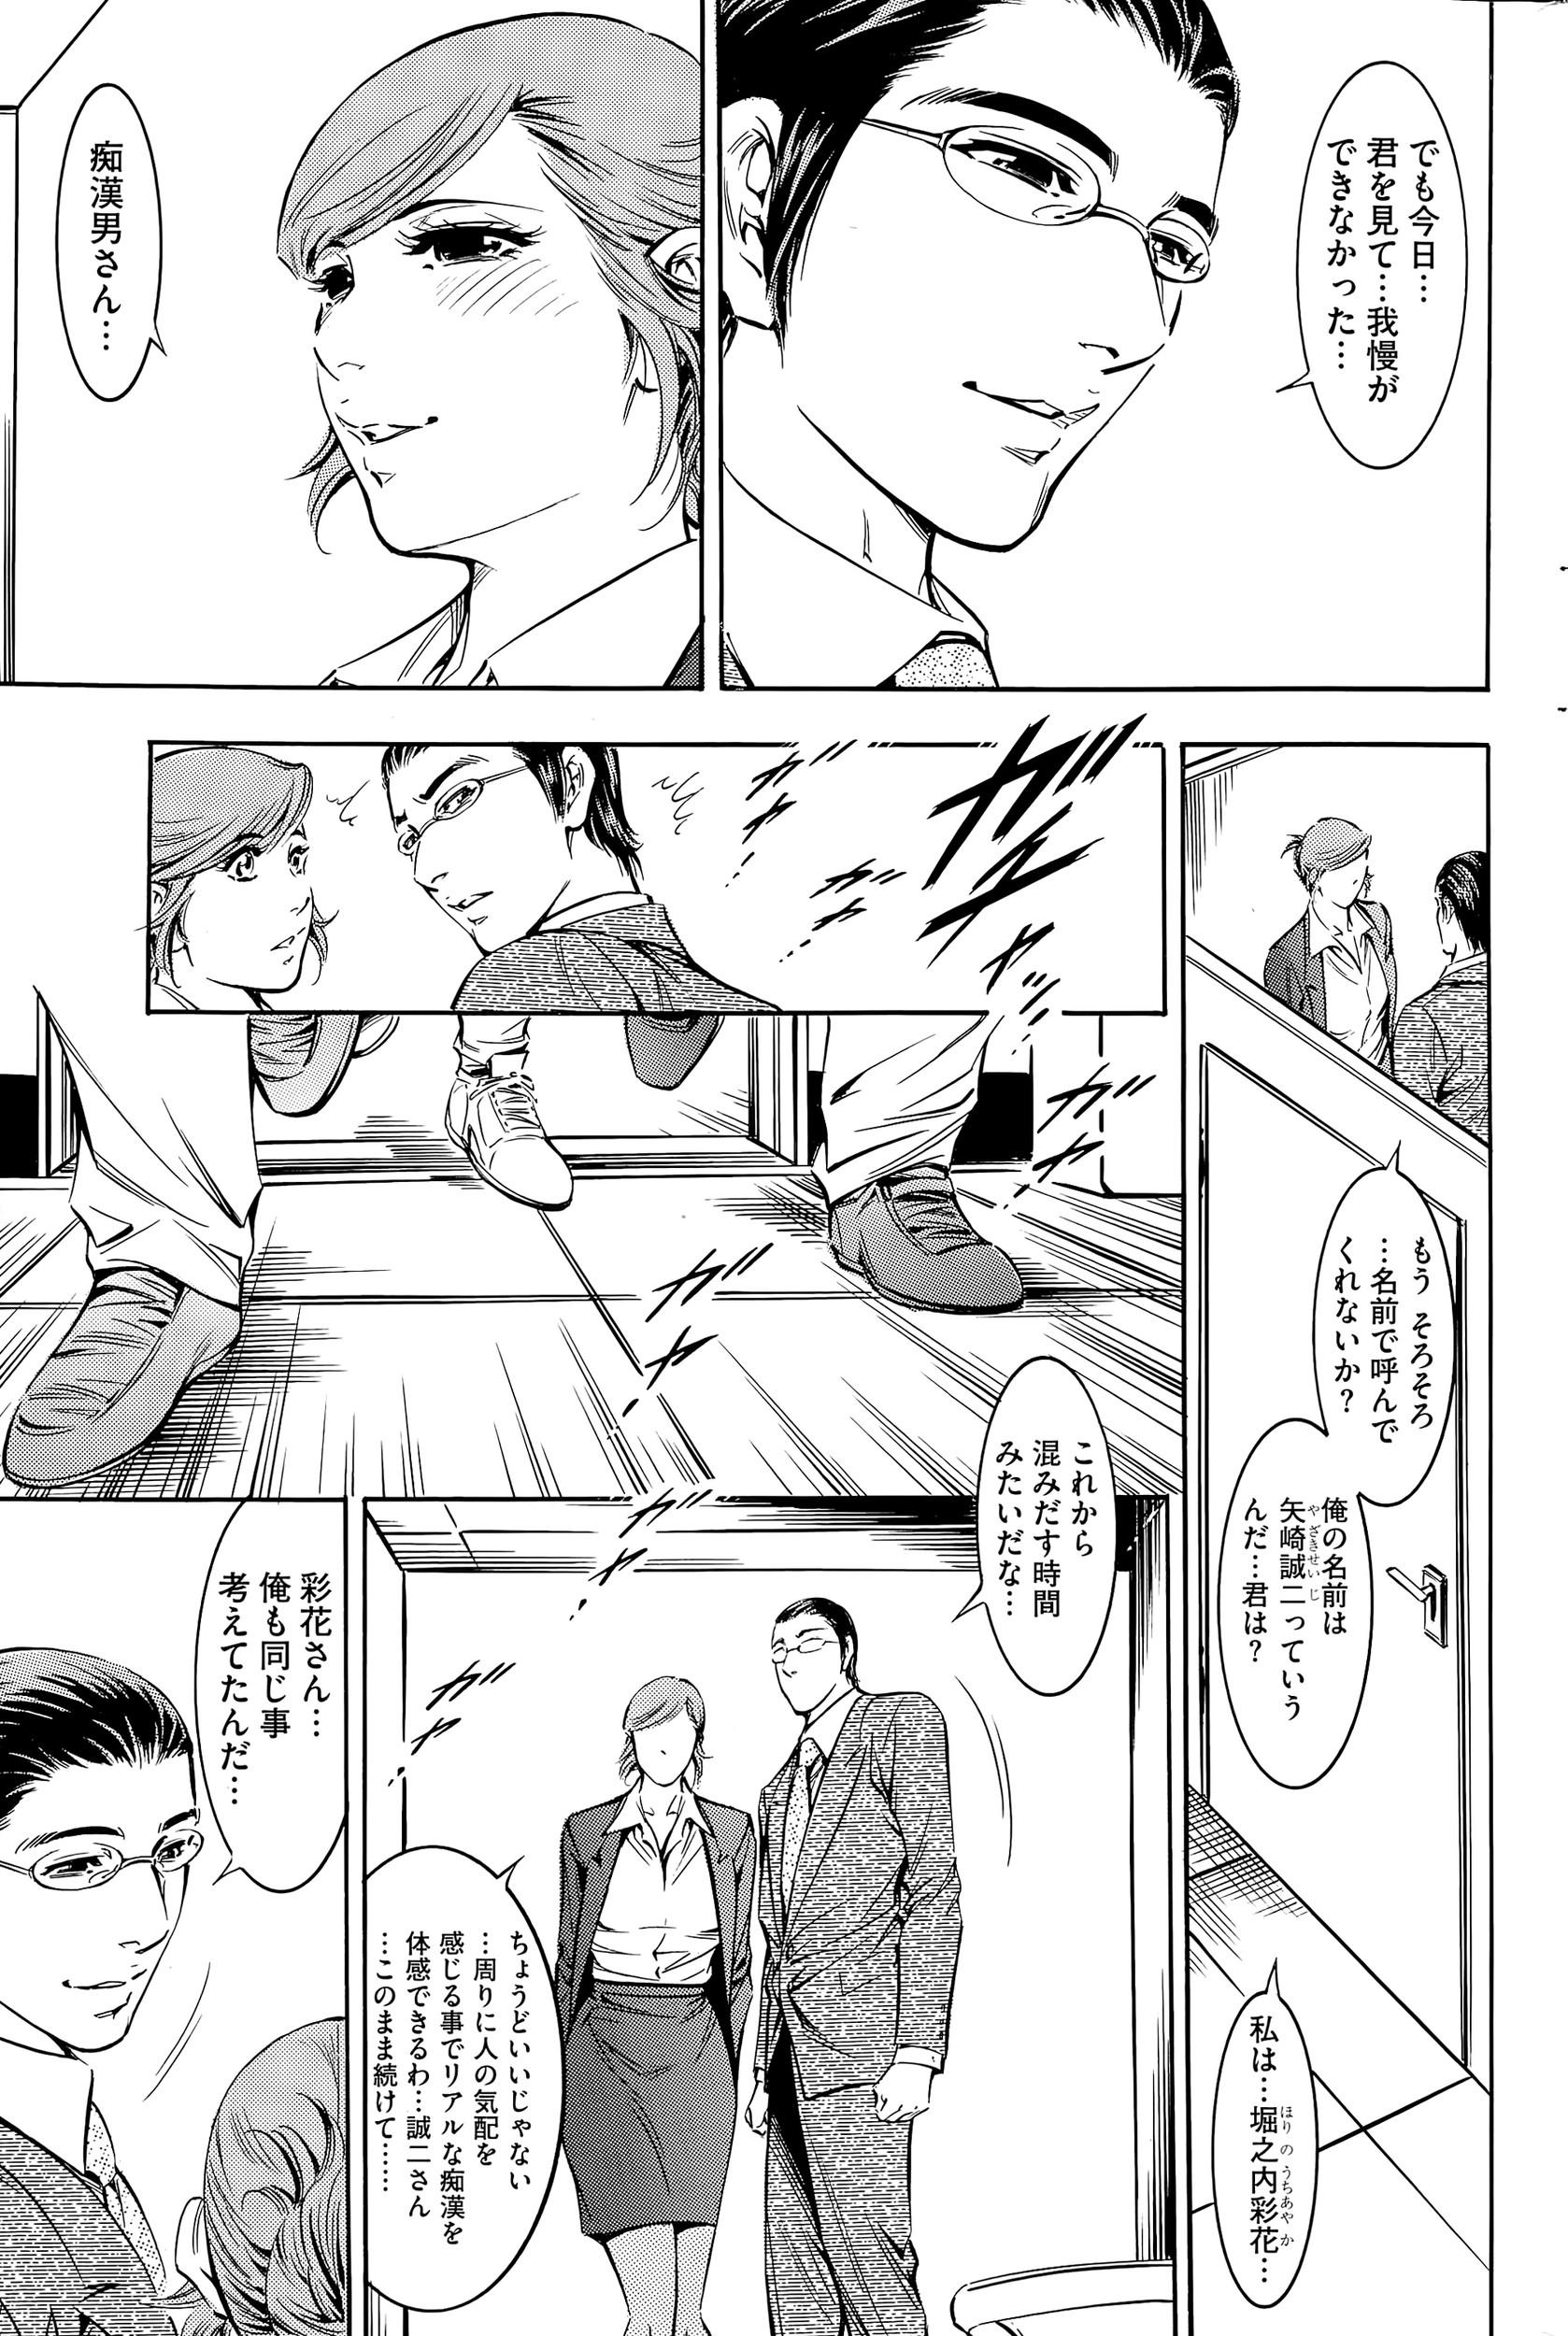 【エロ漫画・エロ同人】痴漢されたくてしょうがない巨乳OLwww (13)